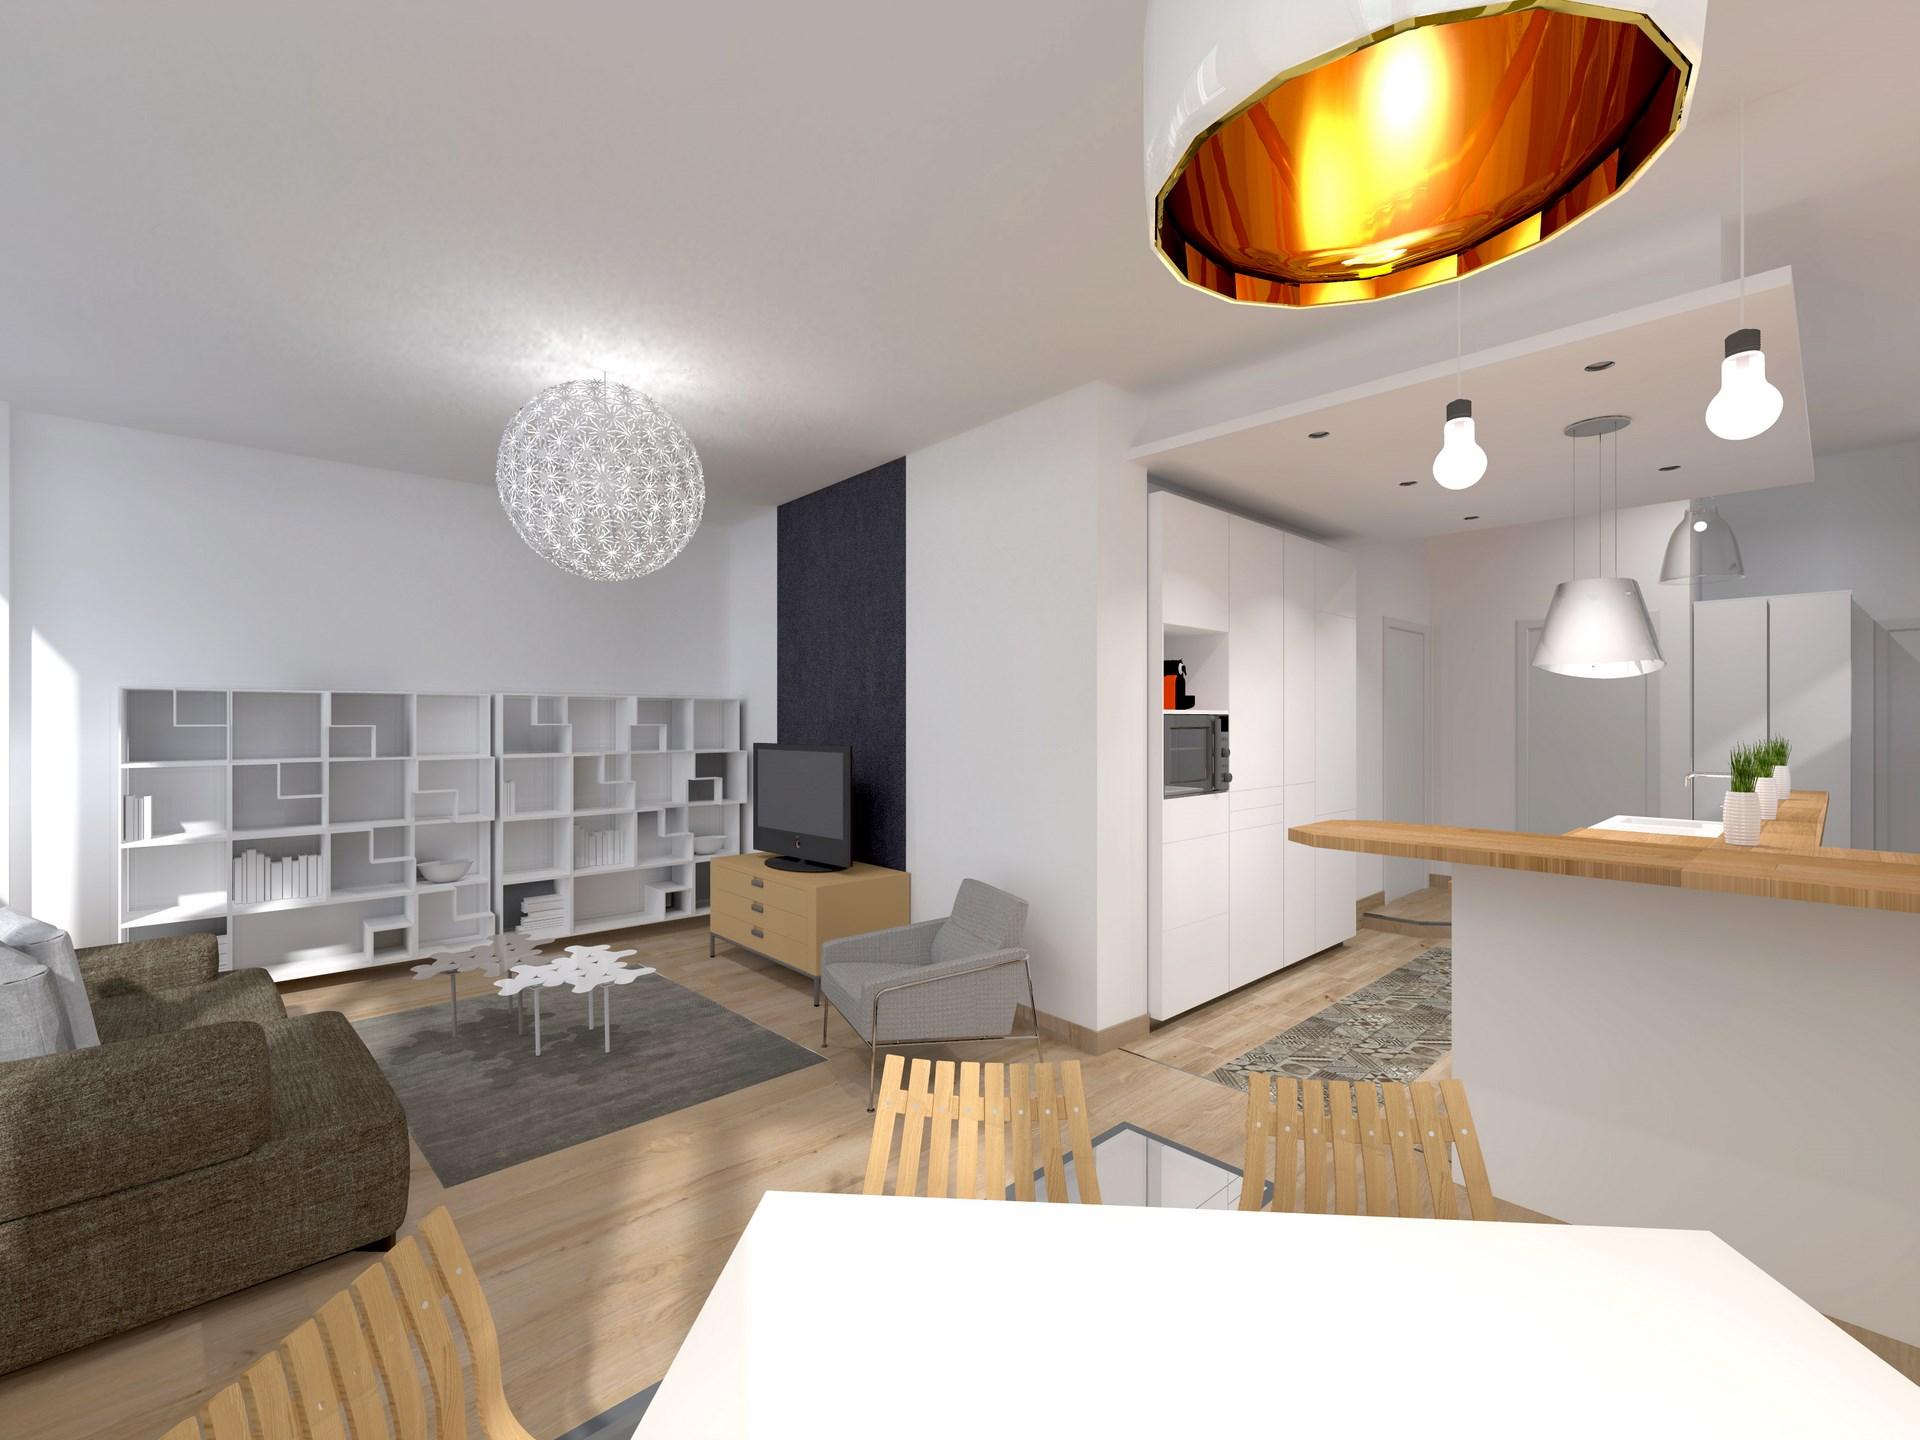 renovation souplex ancienne boutique verriere monochrome agence avous